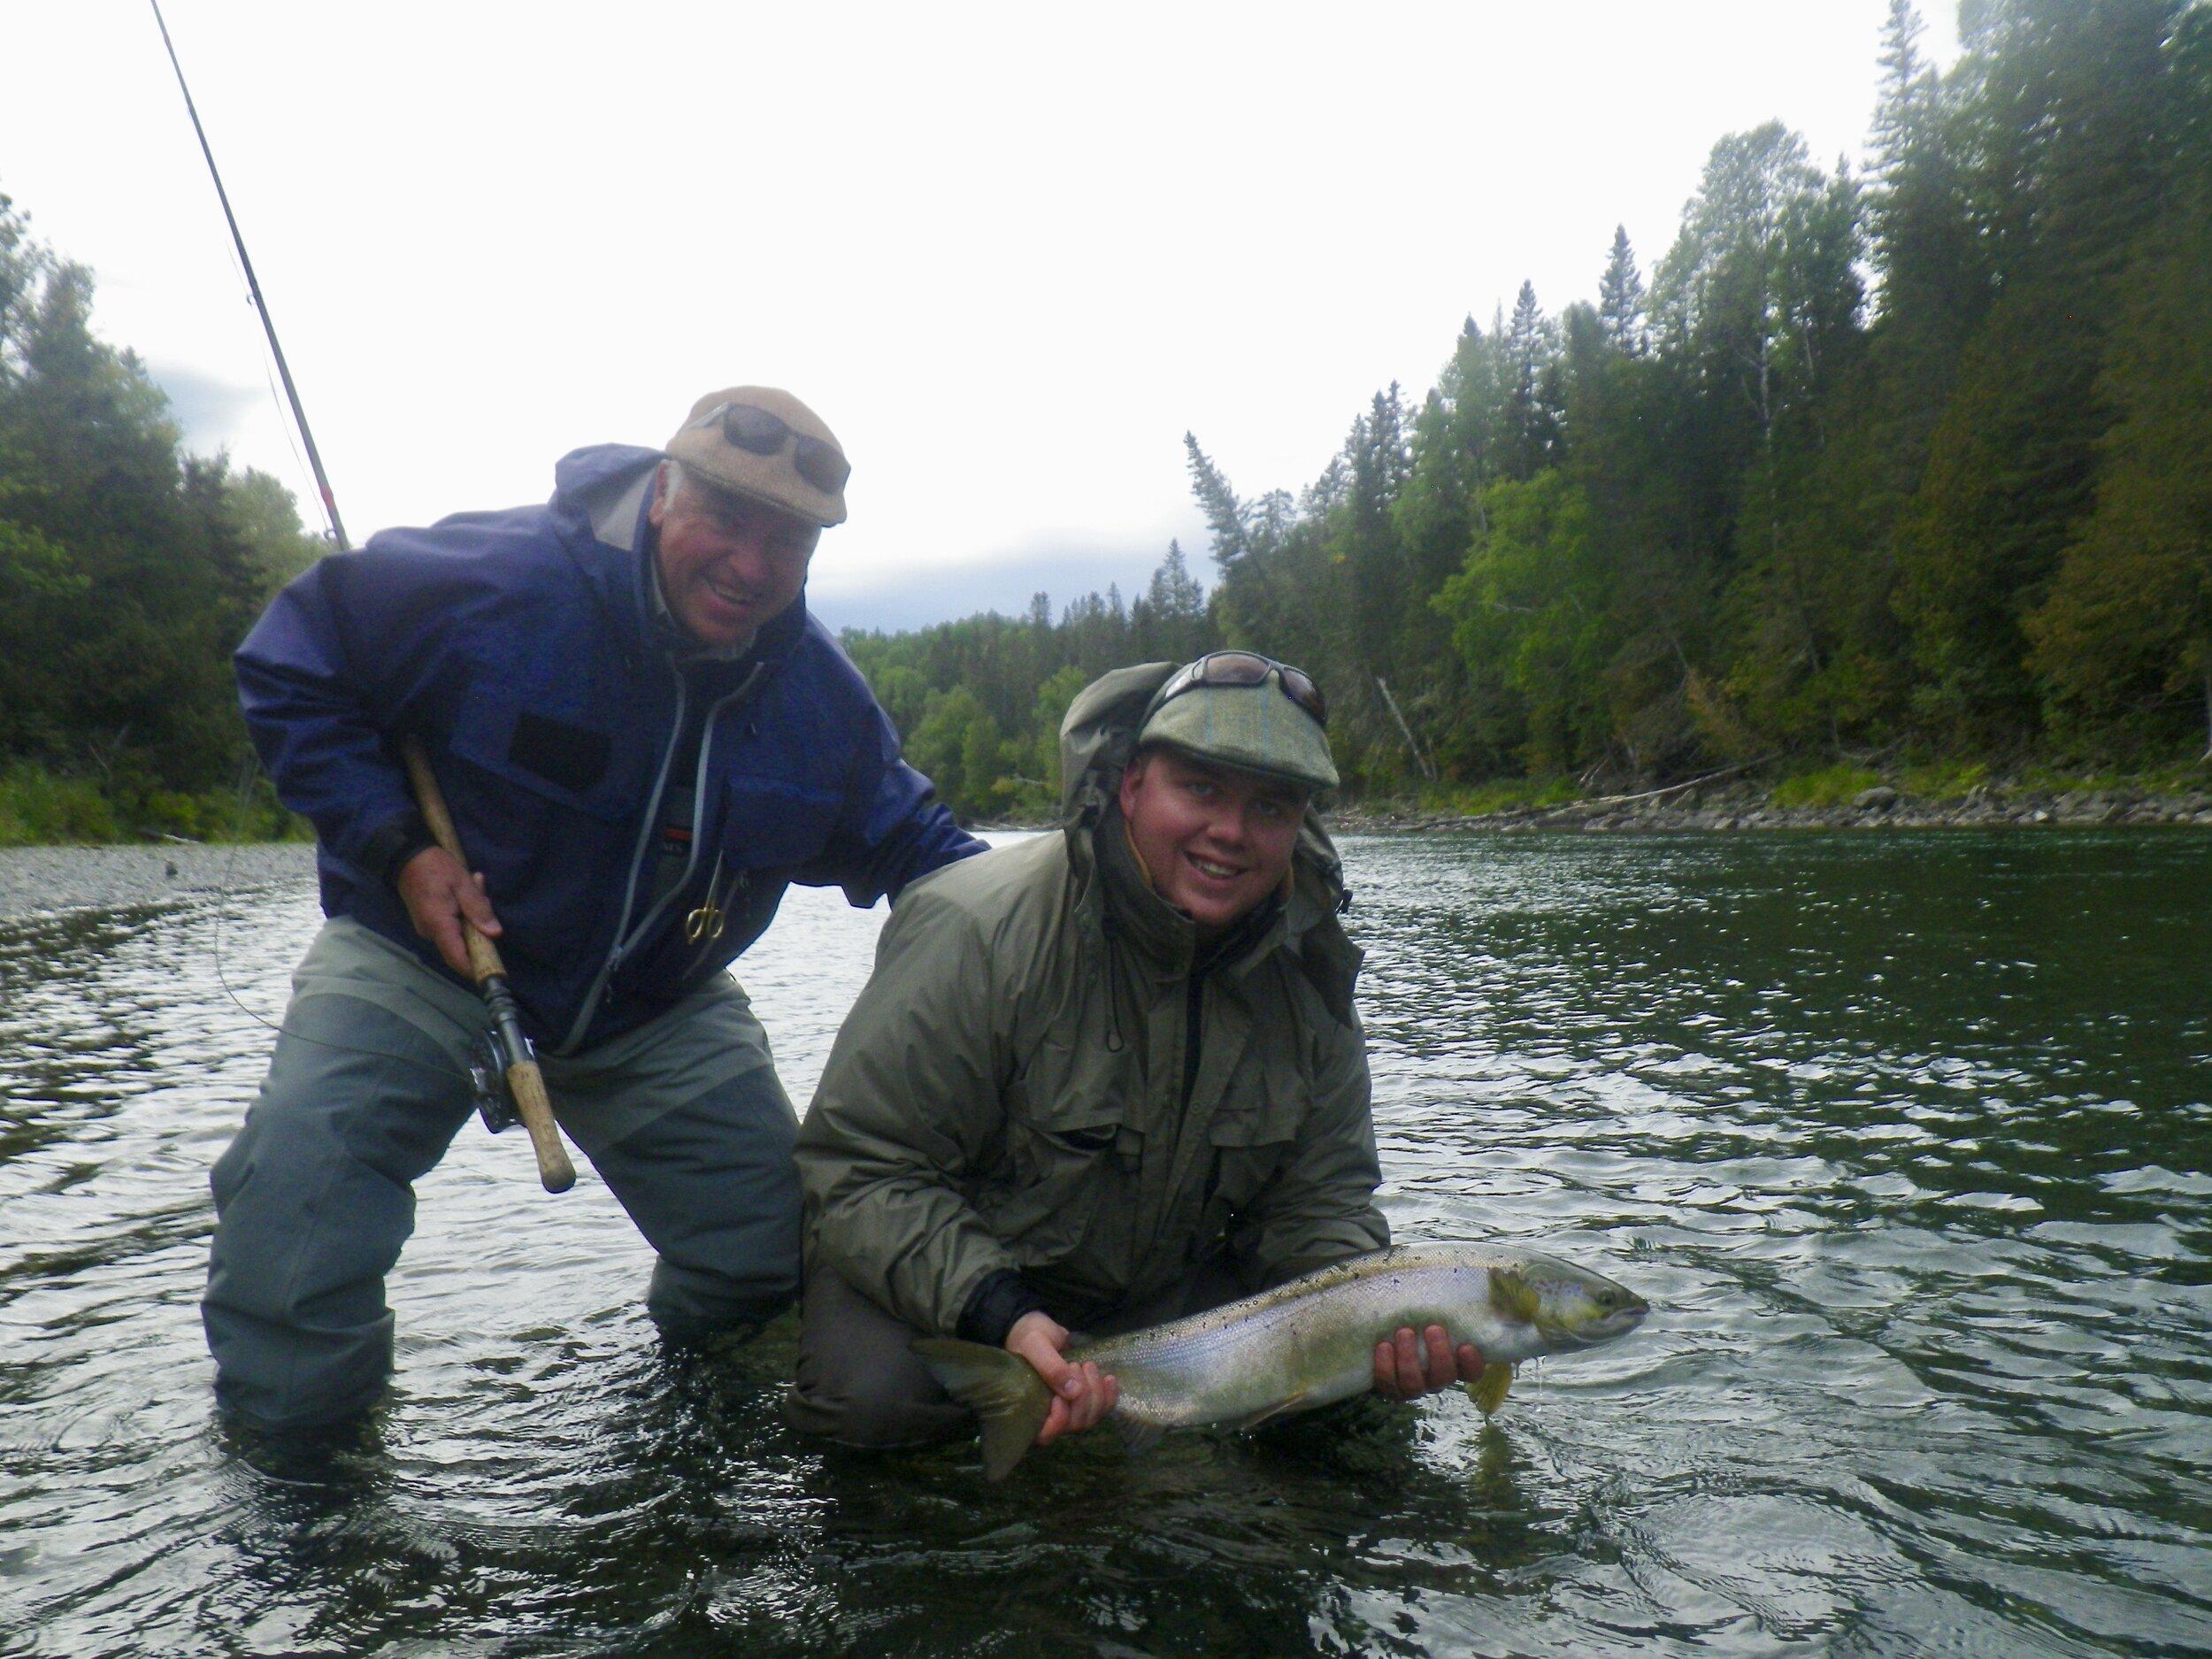 Nous avons eu le plaisir d'accueillir le duo père-fil Scott Brown et Michael Brown au Camp Bonaventure cette semaine. Michael est prêt à remettre à l'eau sa magnifique prise dans la rivière Bonaventure. Beau travail!